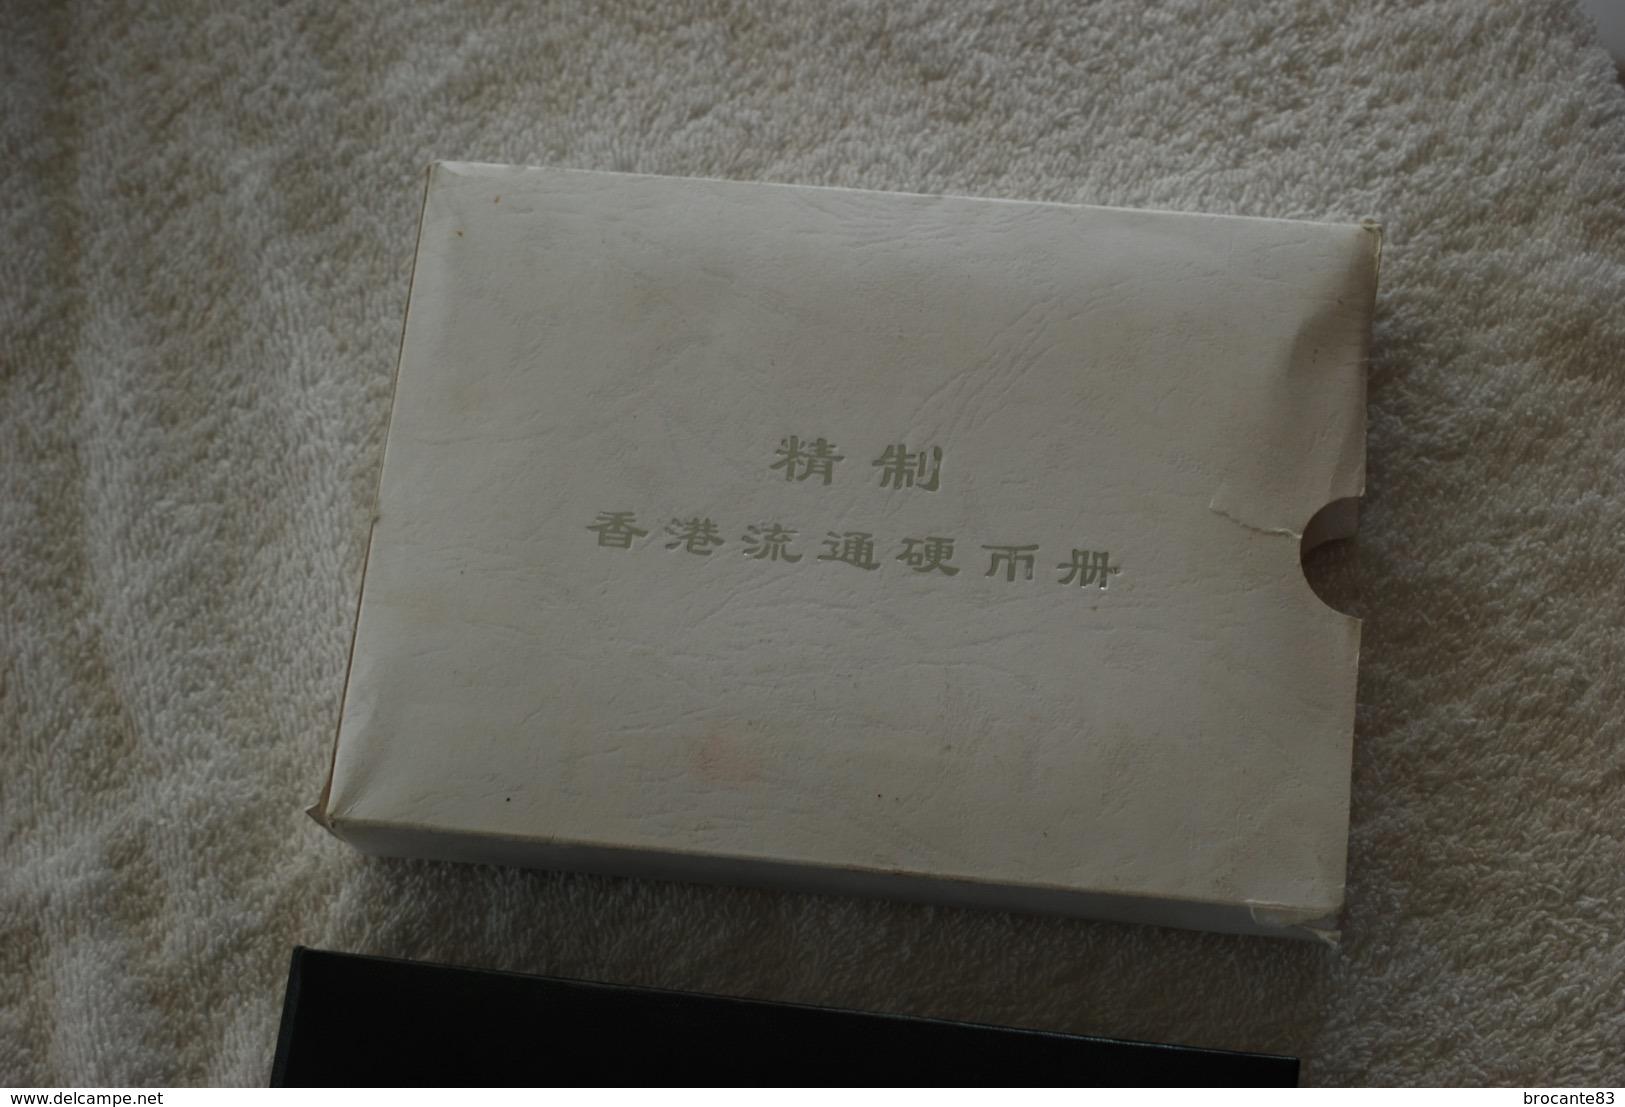 COFFRET PIECE FLEUR DE COIN AVEC PIECE ARGENT - Hong Kong